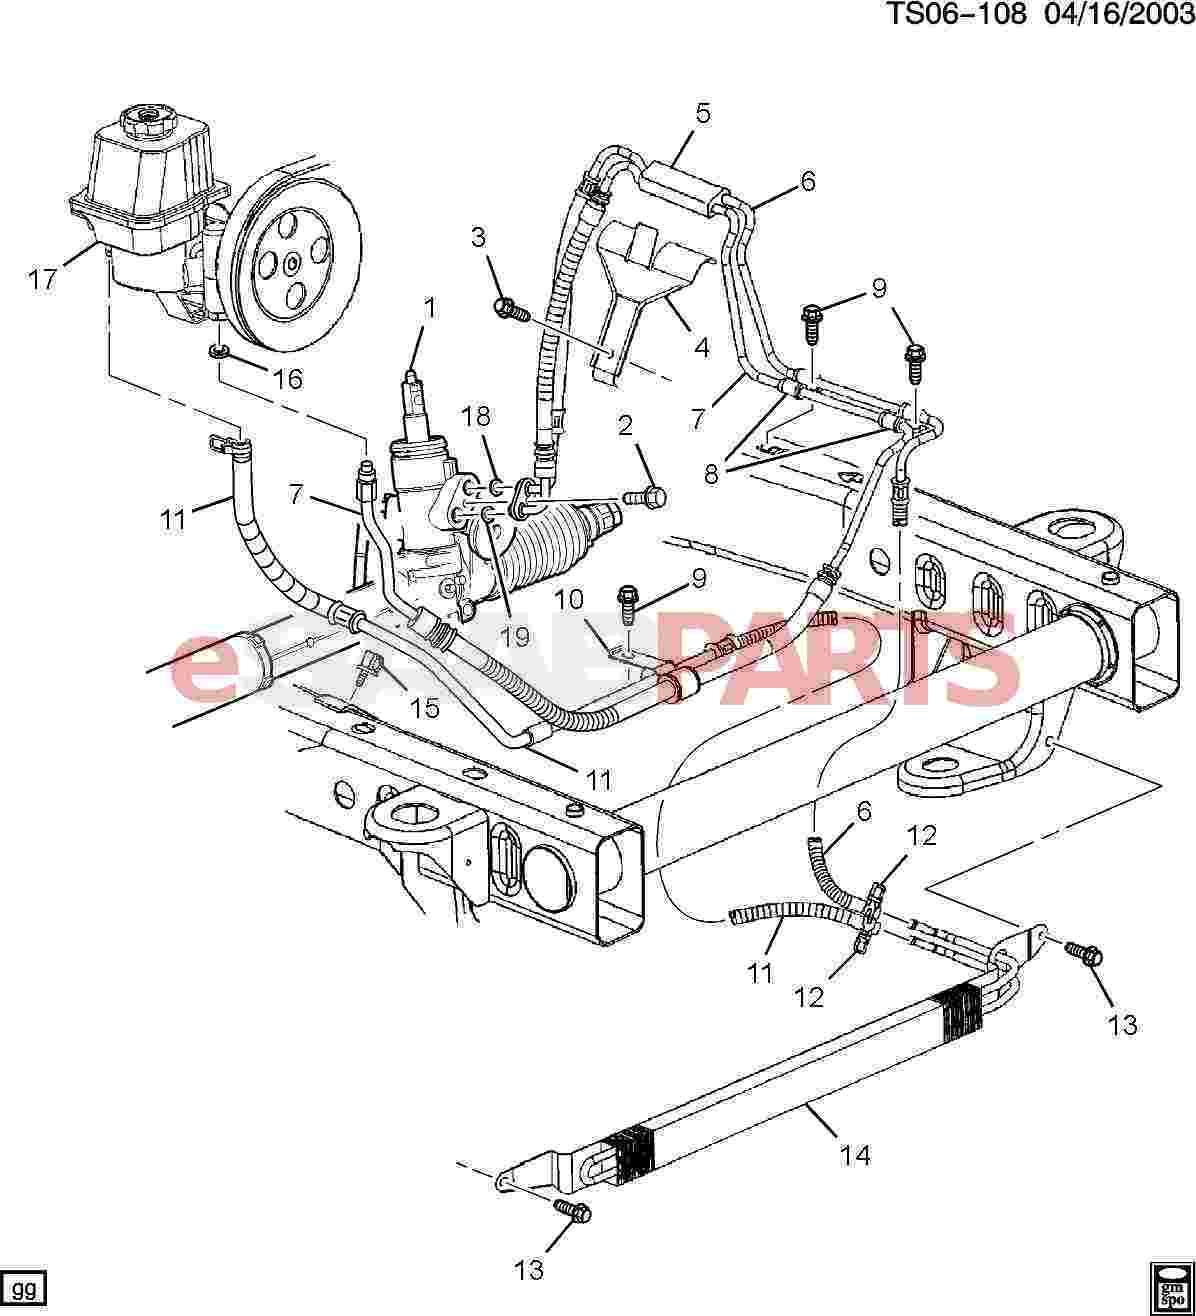 vacuum diagram 1999 volvo xc70 explained wiring diagrams transmission fill  and drain vacuum diagram 1999 volvo